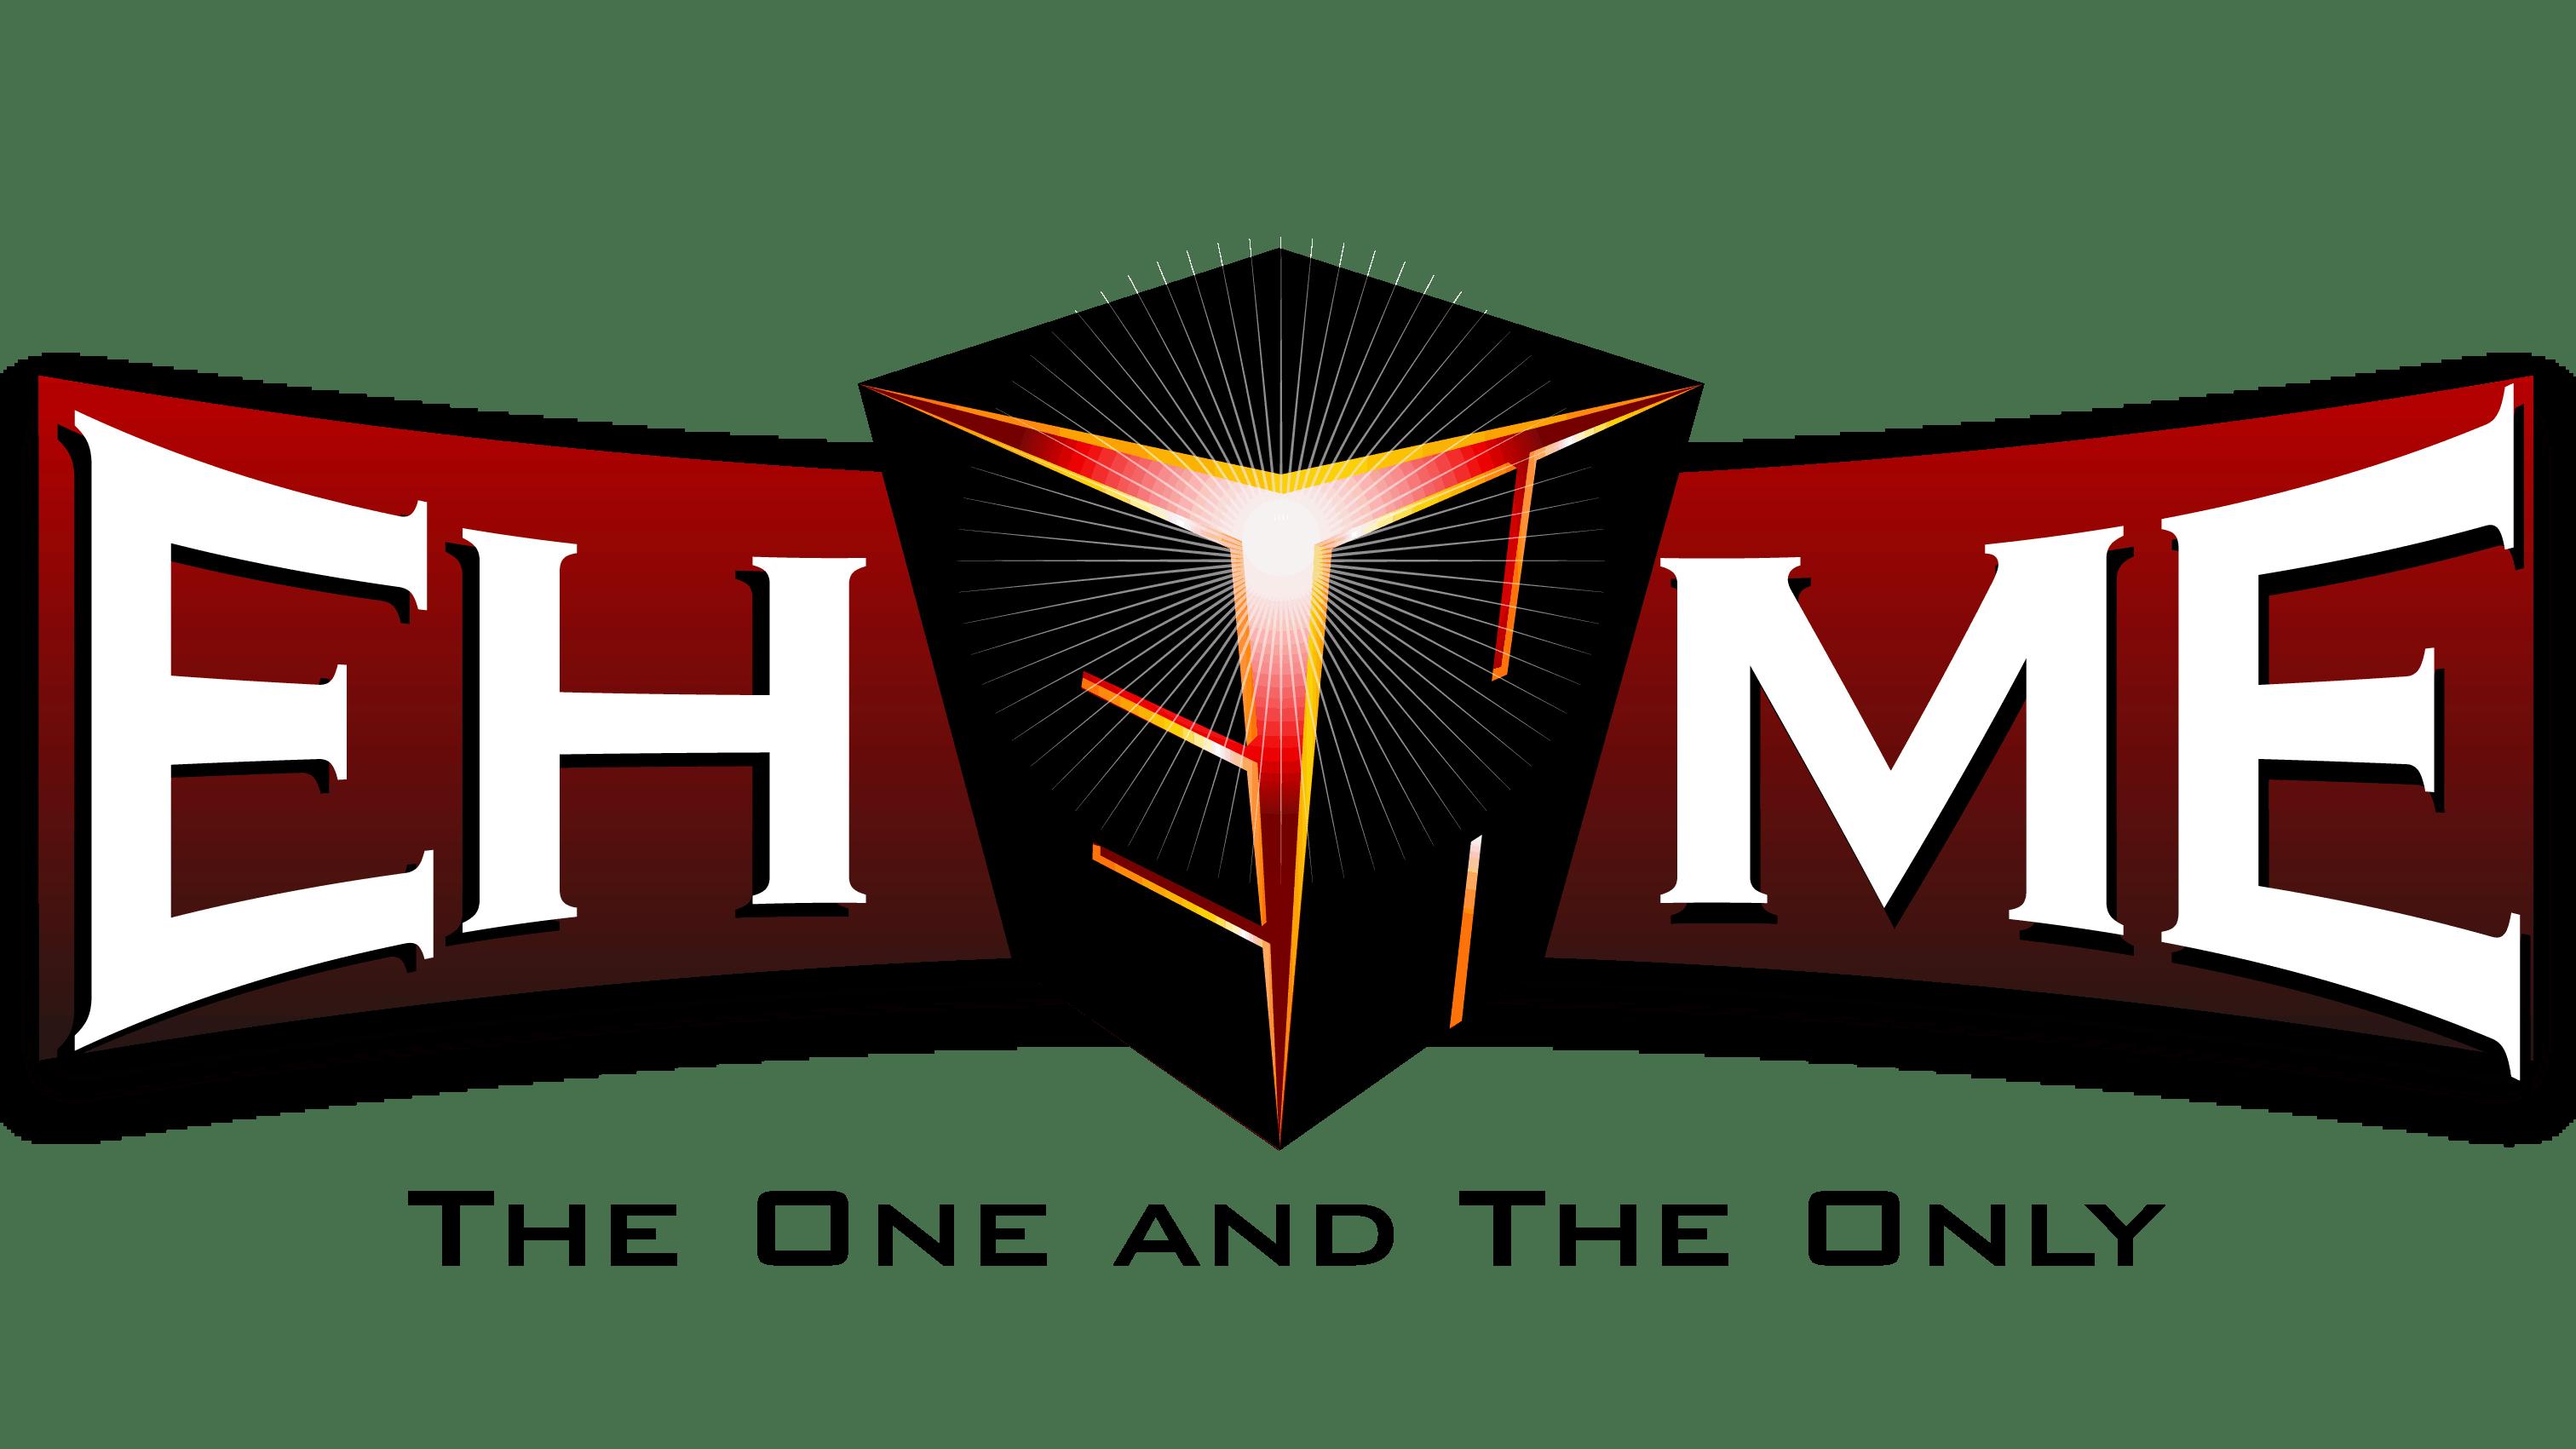 EHOME CSGO Team